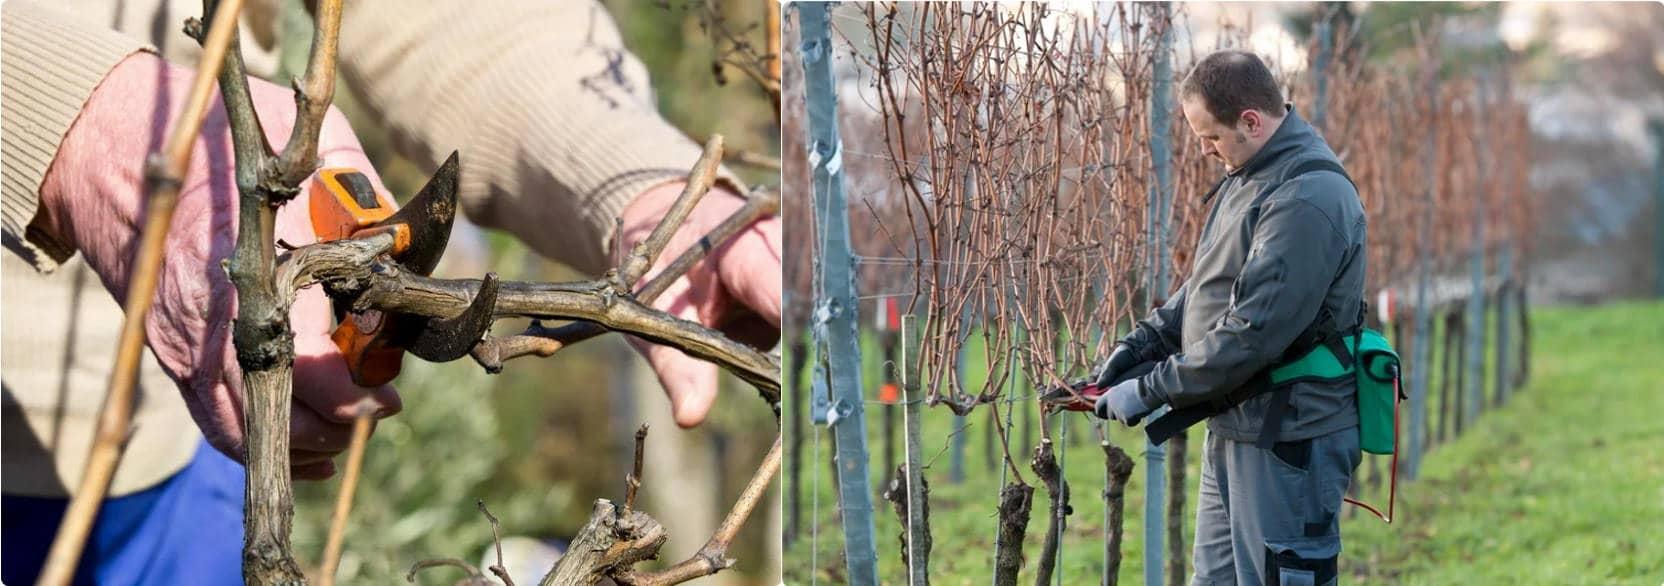 Обрізка винограду: як виключити помилки, та як правильно обрізати виноград